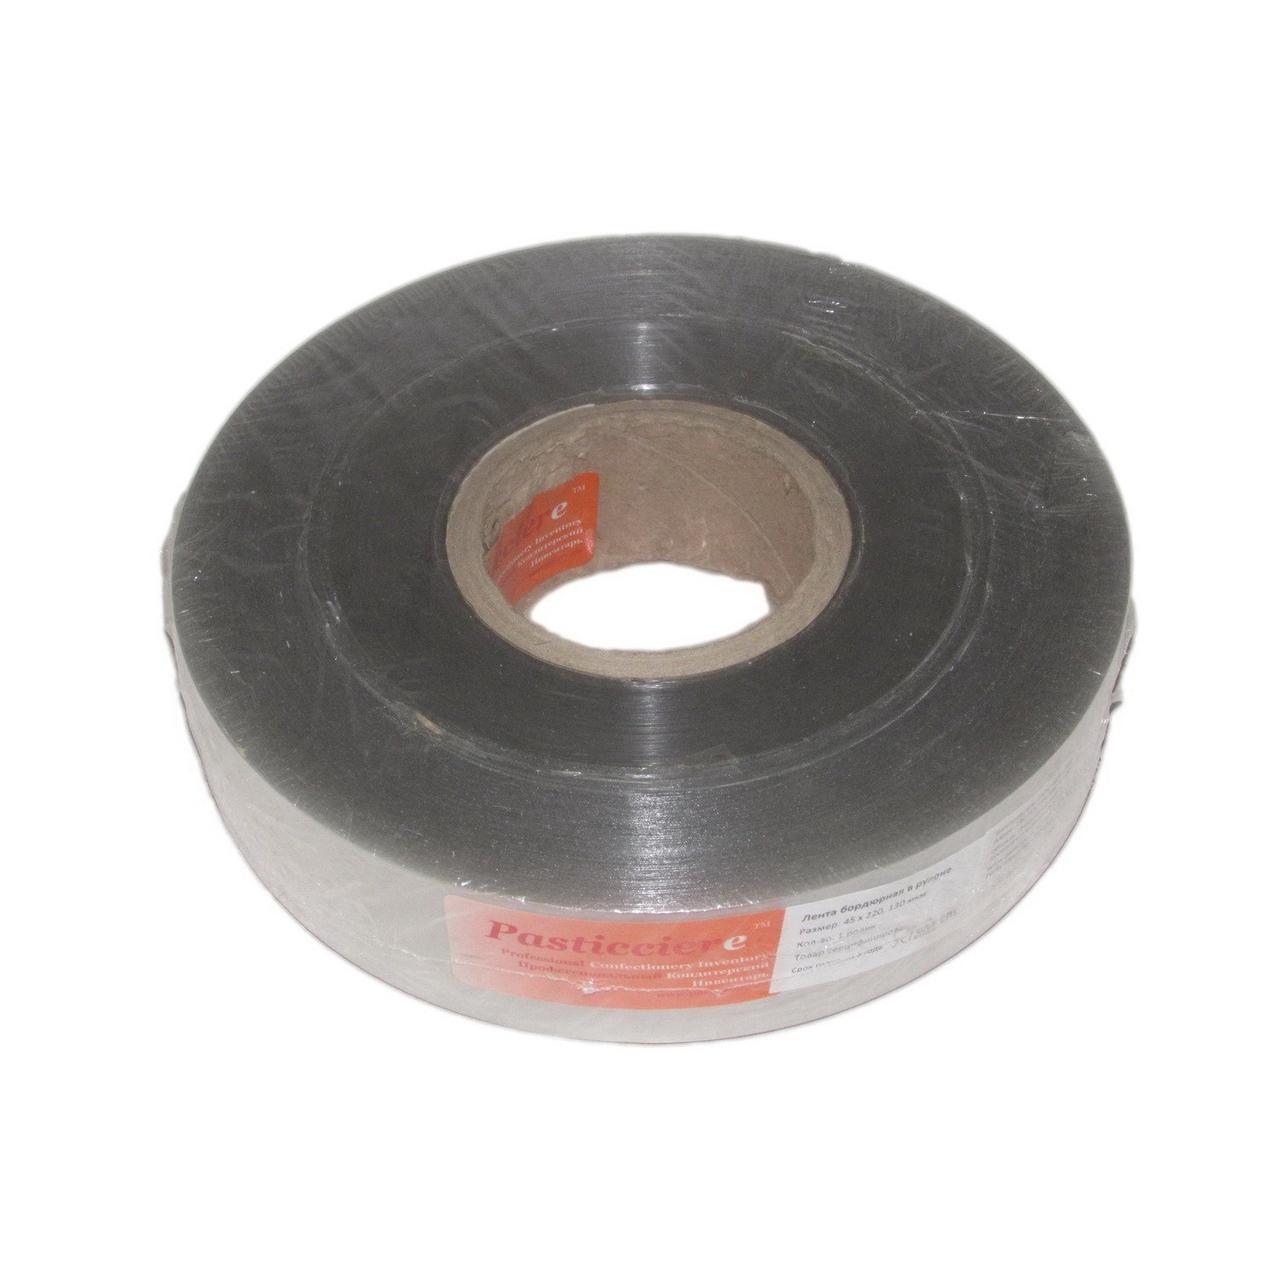 Лента кондитерская для обтяжки тортов прозрачная без рис, высота 60 мм, 130 мкм